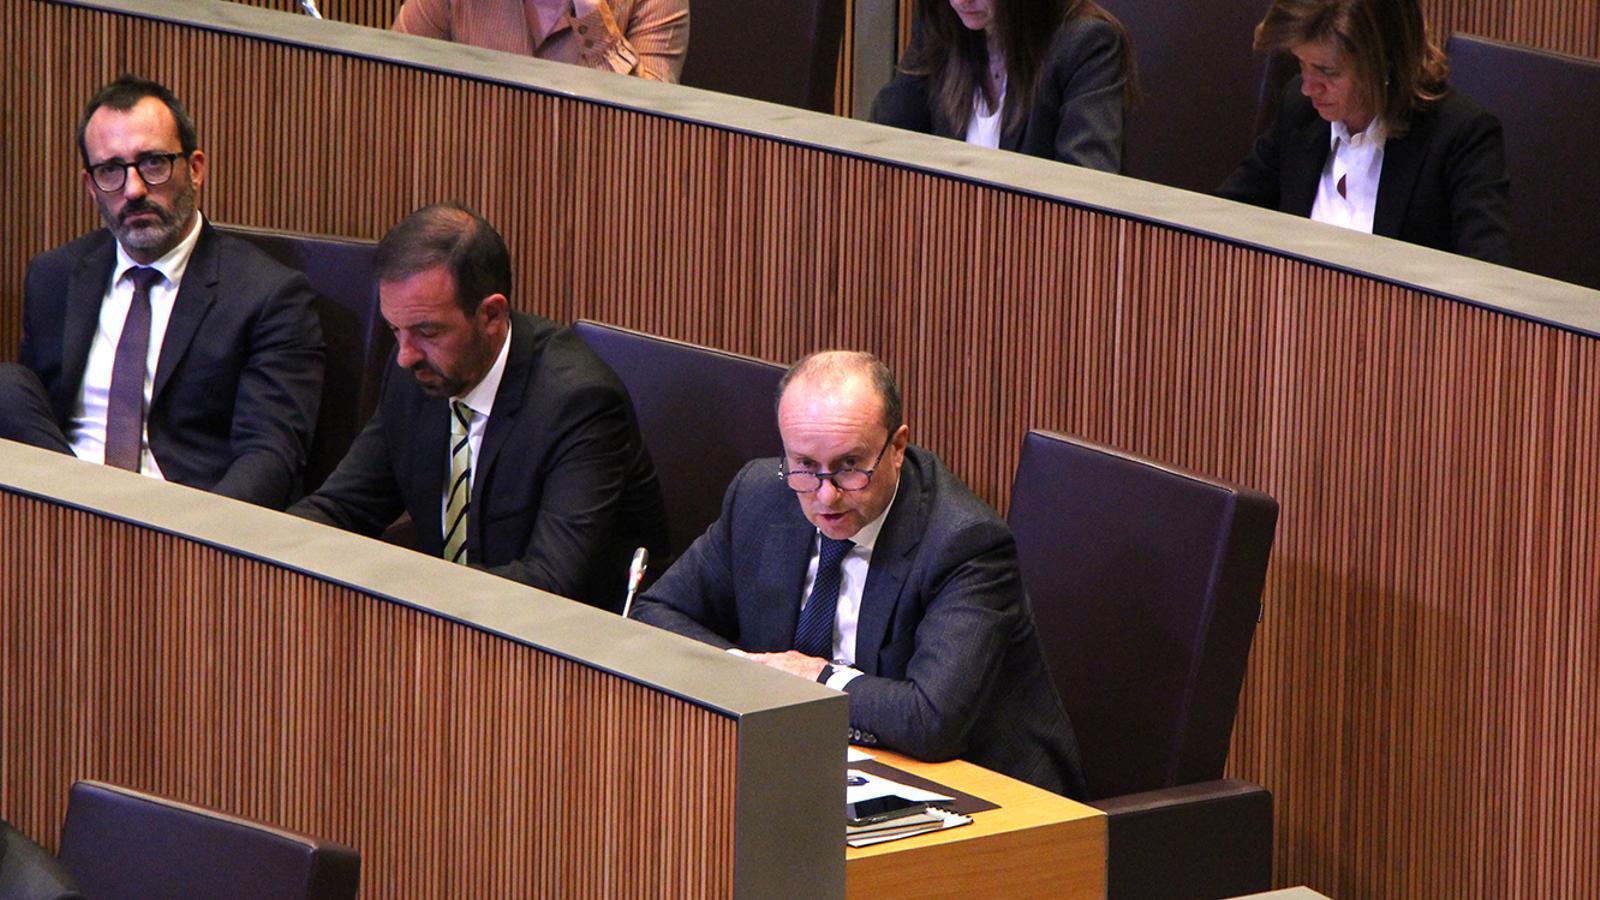 El ministre de Justícia i Interior, Josep Maria Rossell, durant la sessió de Consell General. / M. F. (ANA)